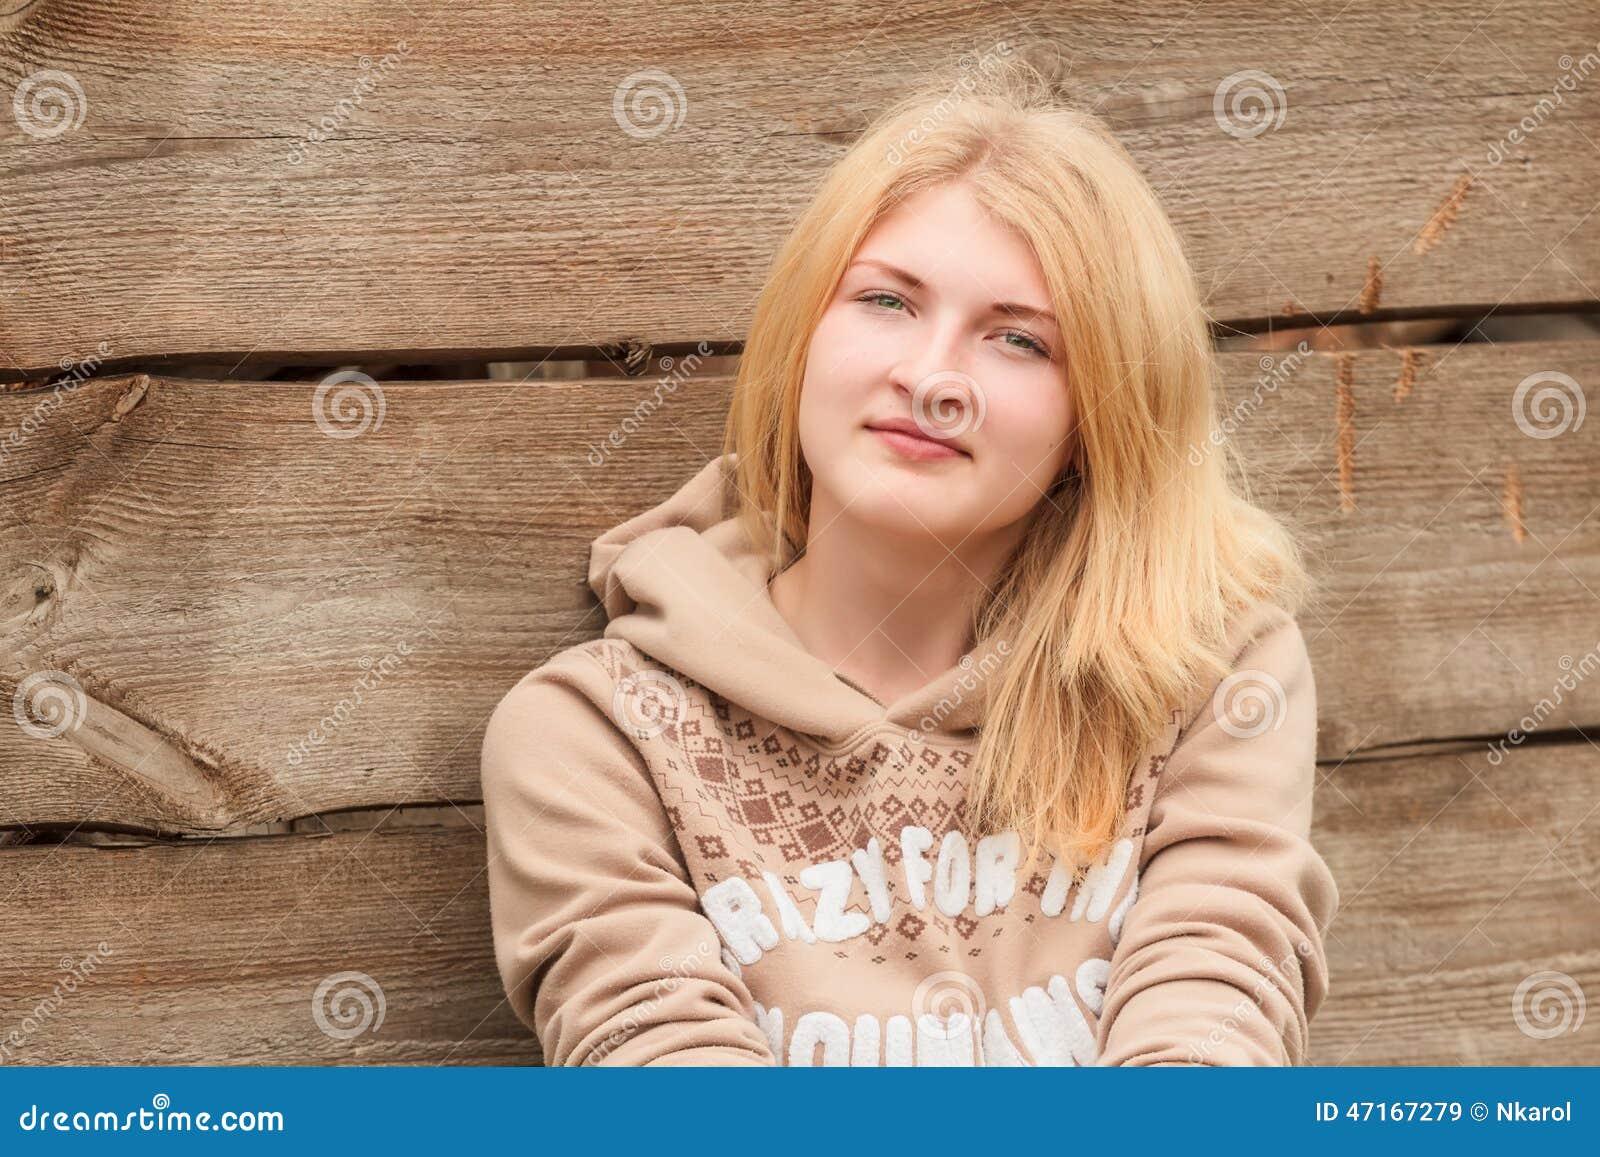 portrait de poser la fille blonde aux yeux verts image stock image du saison femelle 47167279. Black Bedroom Furniture Sets. Home Design Ideas